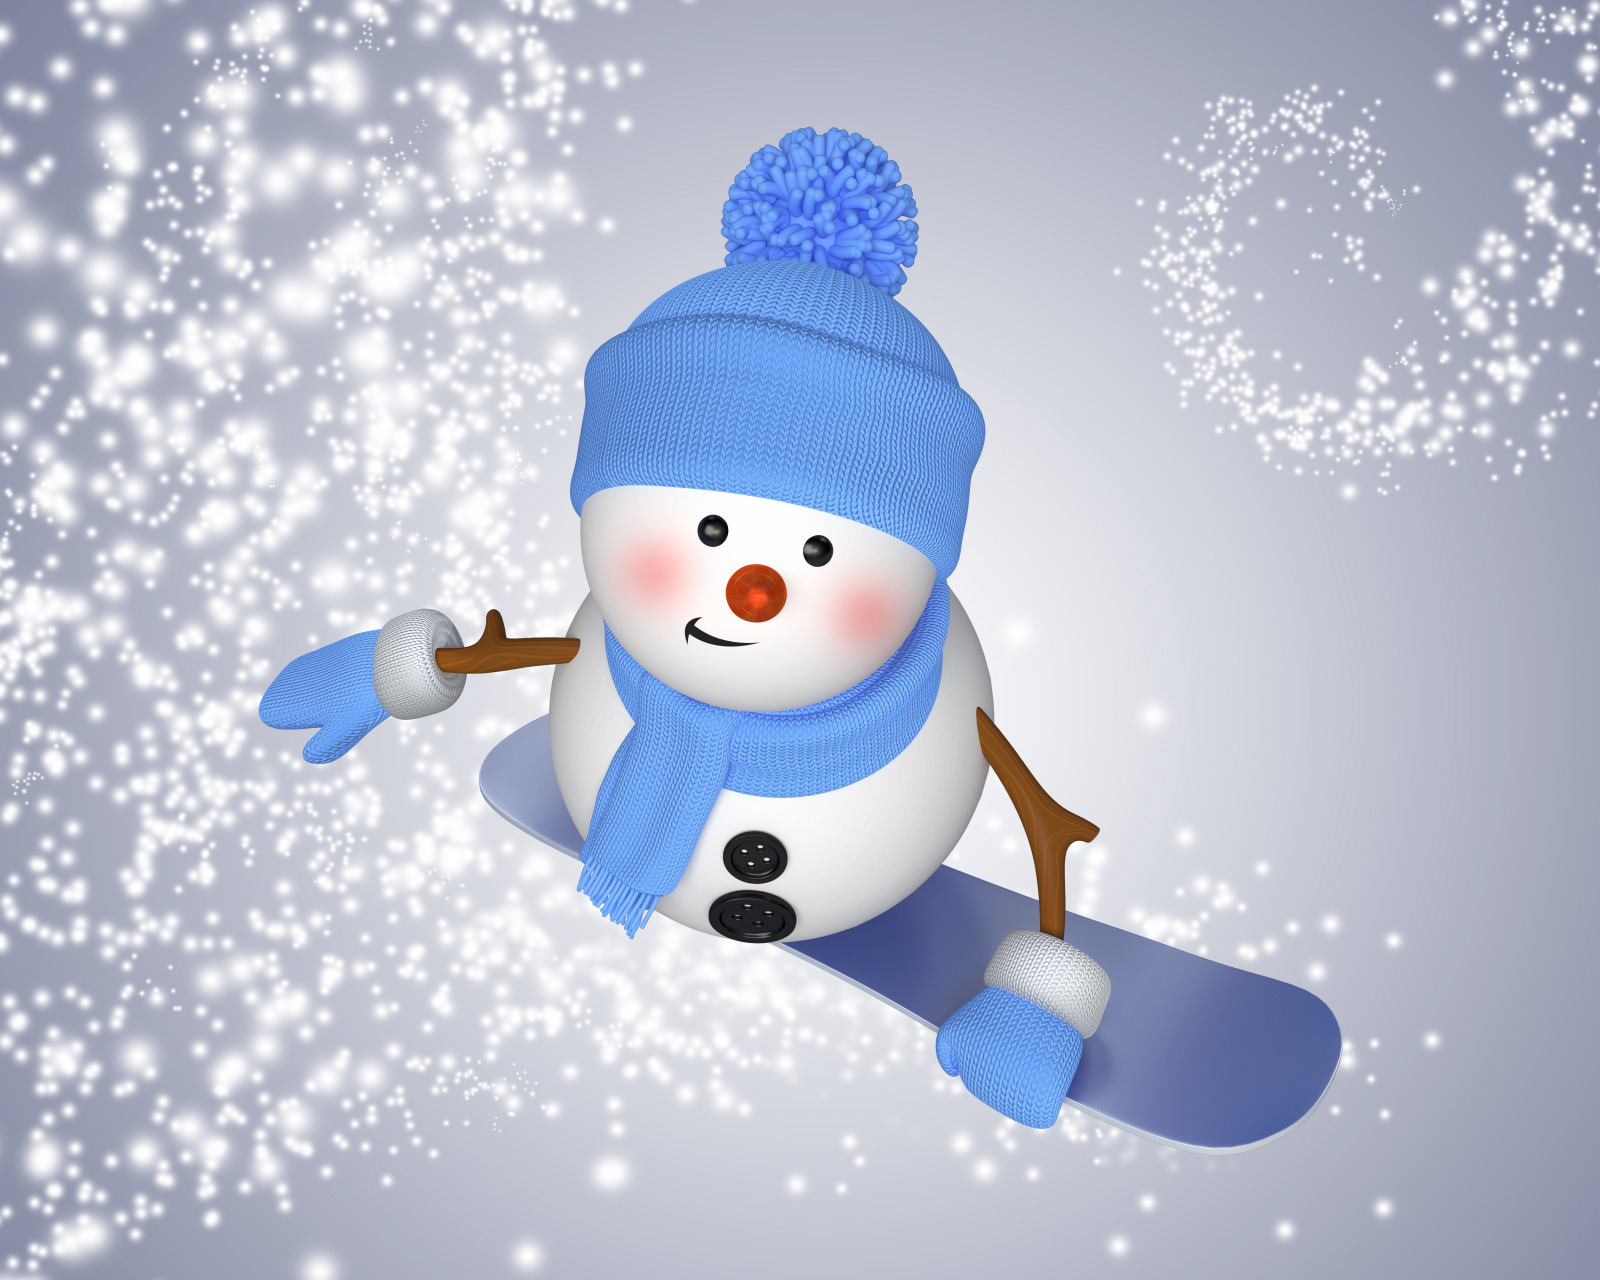 Снеговик на сноуборде  № 3290111 без смс